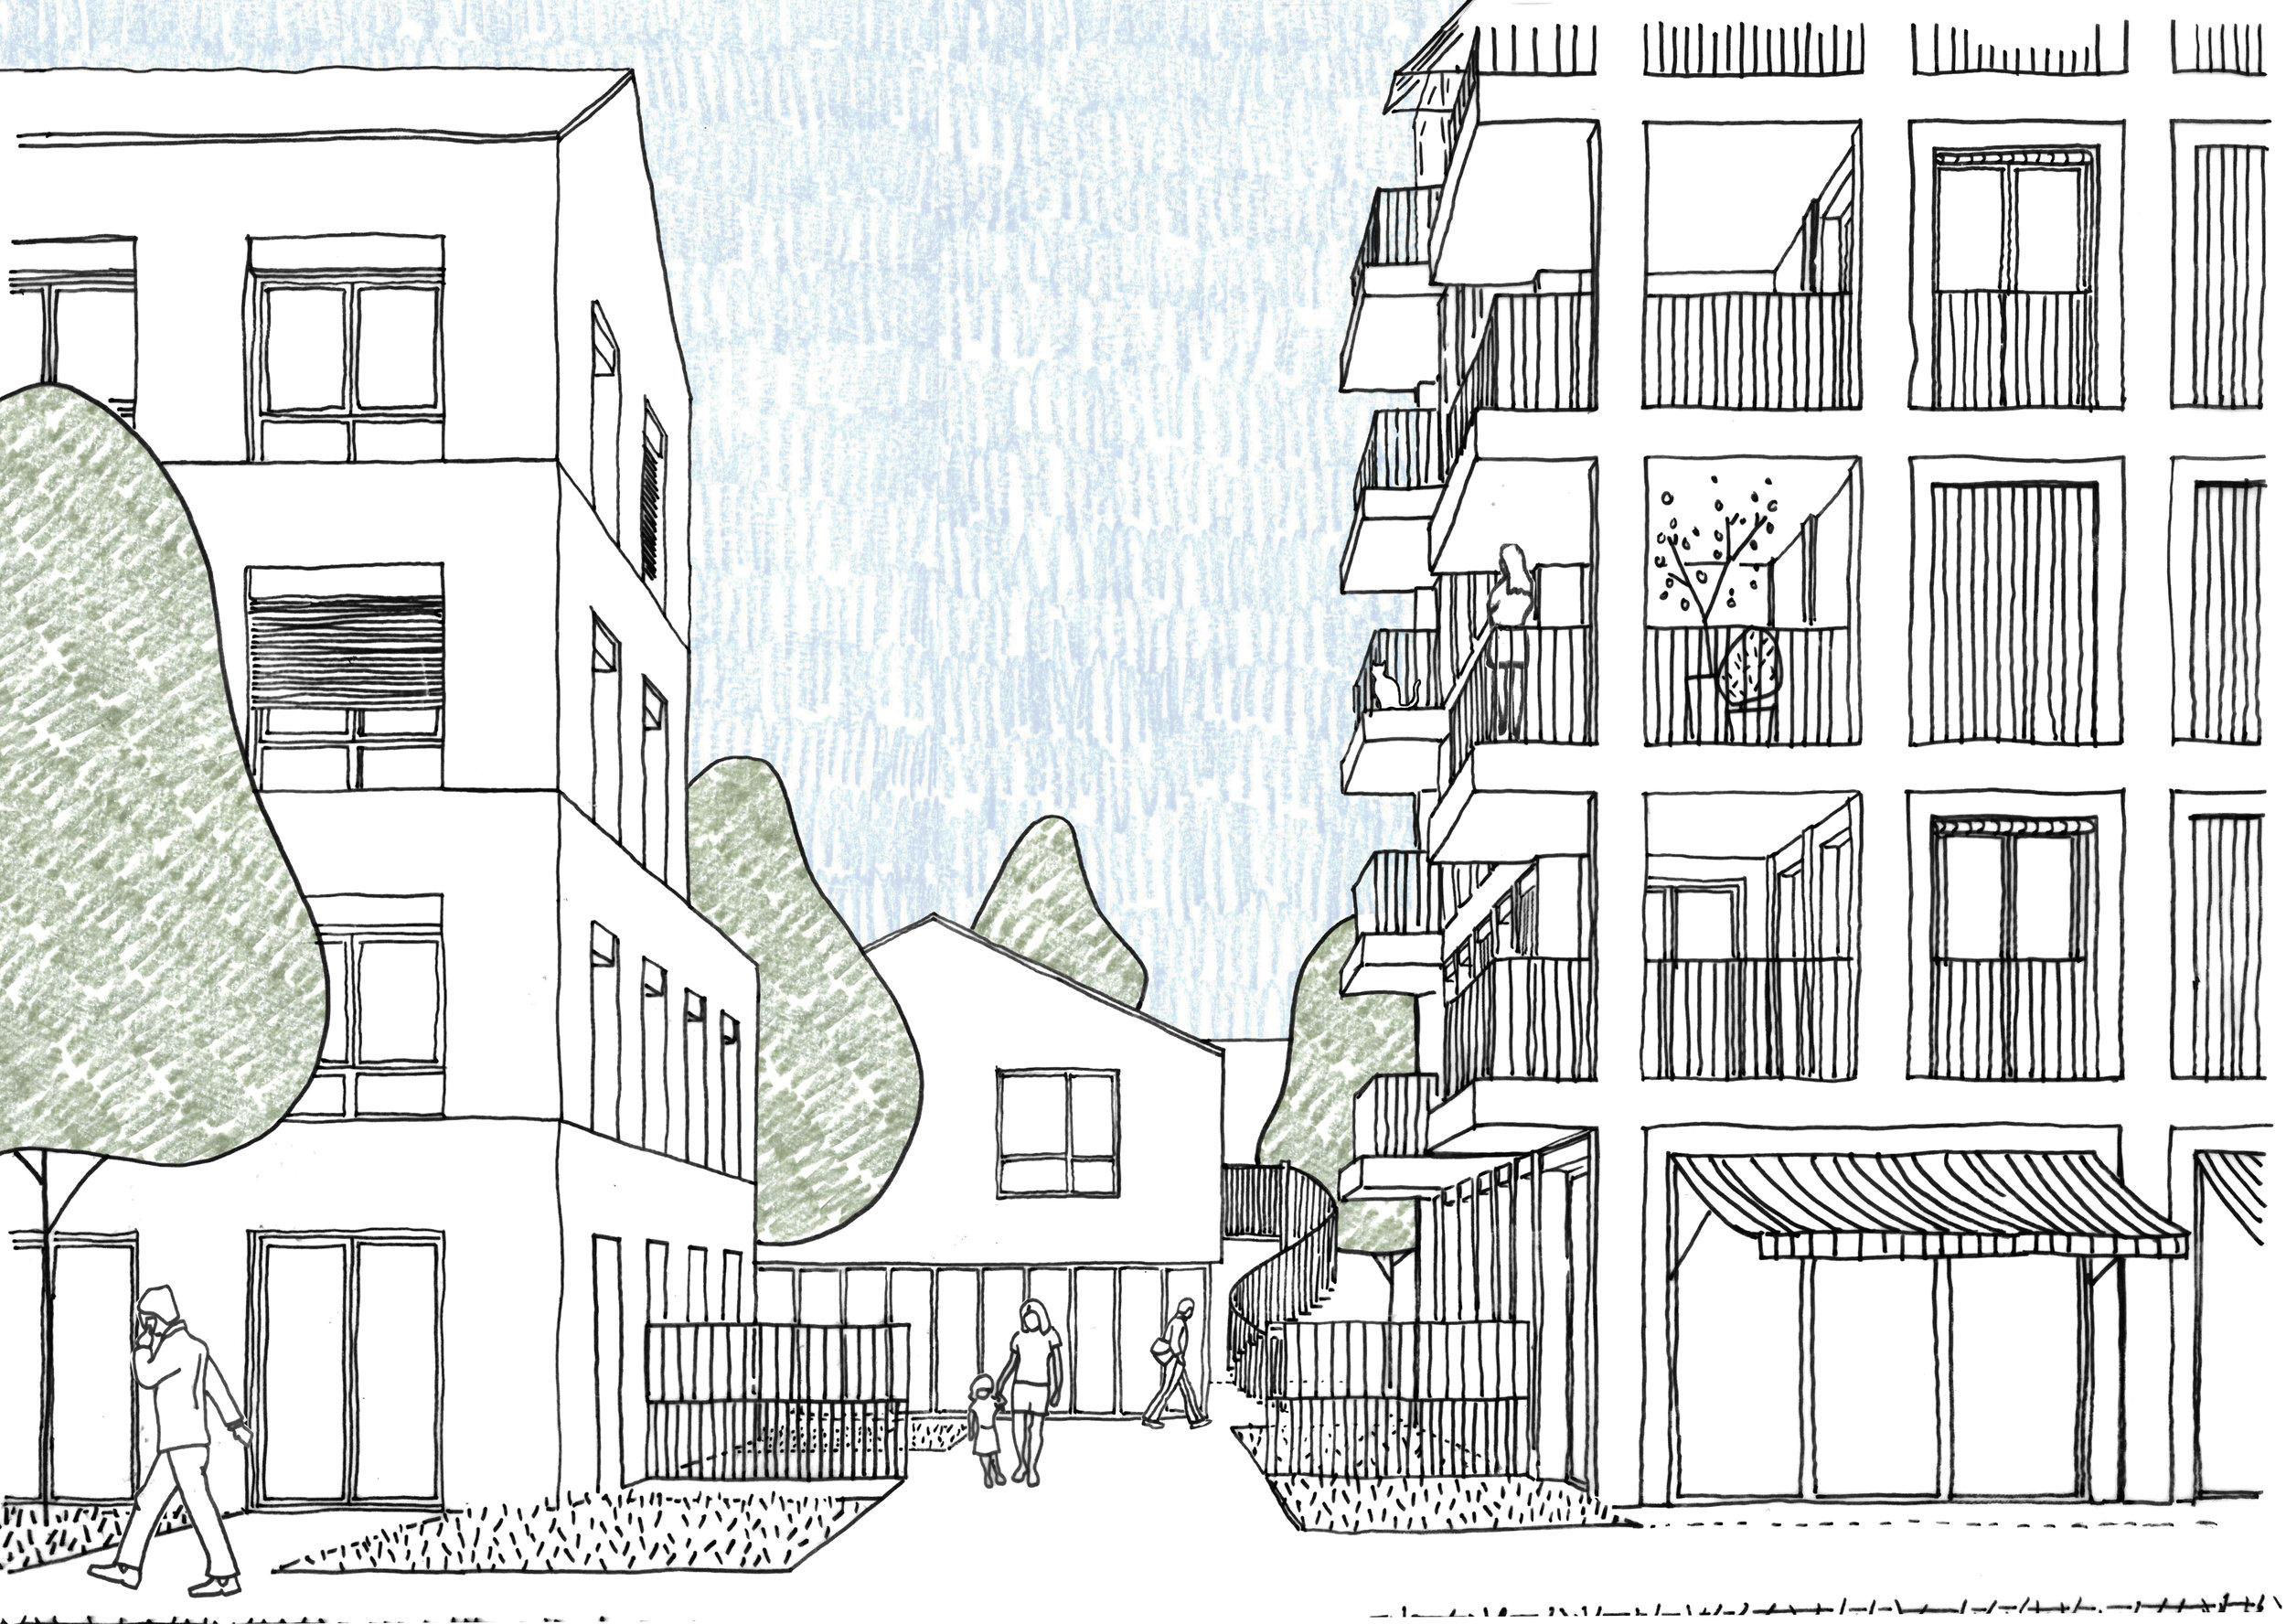 Projet lauréat, 47 logements Alma, Rennes - Palast est lauréat du concours pour la construction de 47 logements à Rennes, quartier Sud Gare rue de l'Alma, pour Réalités promotion